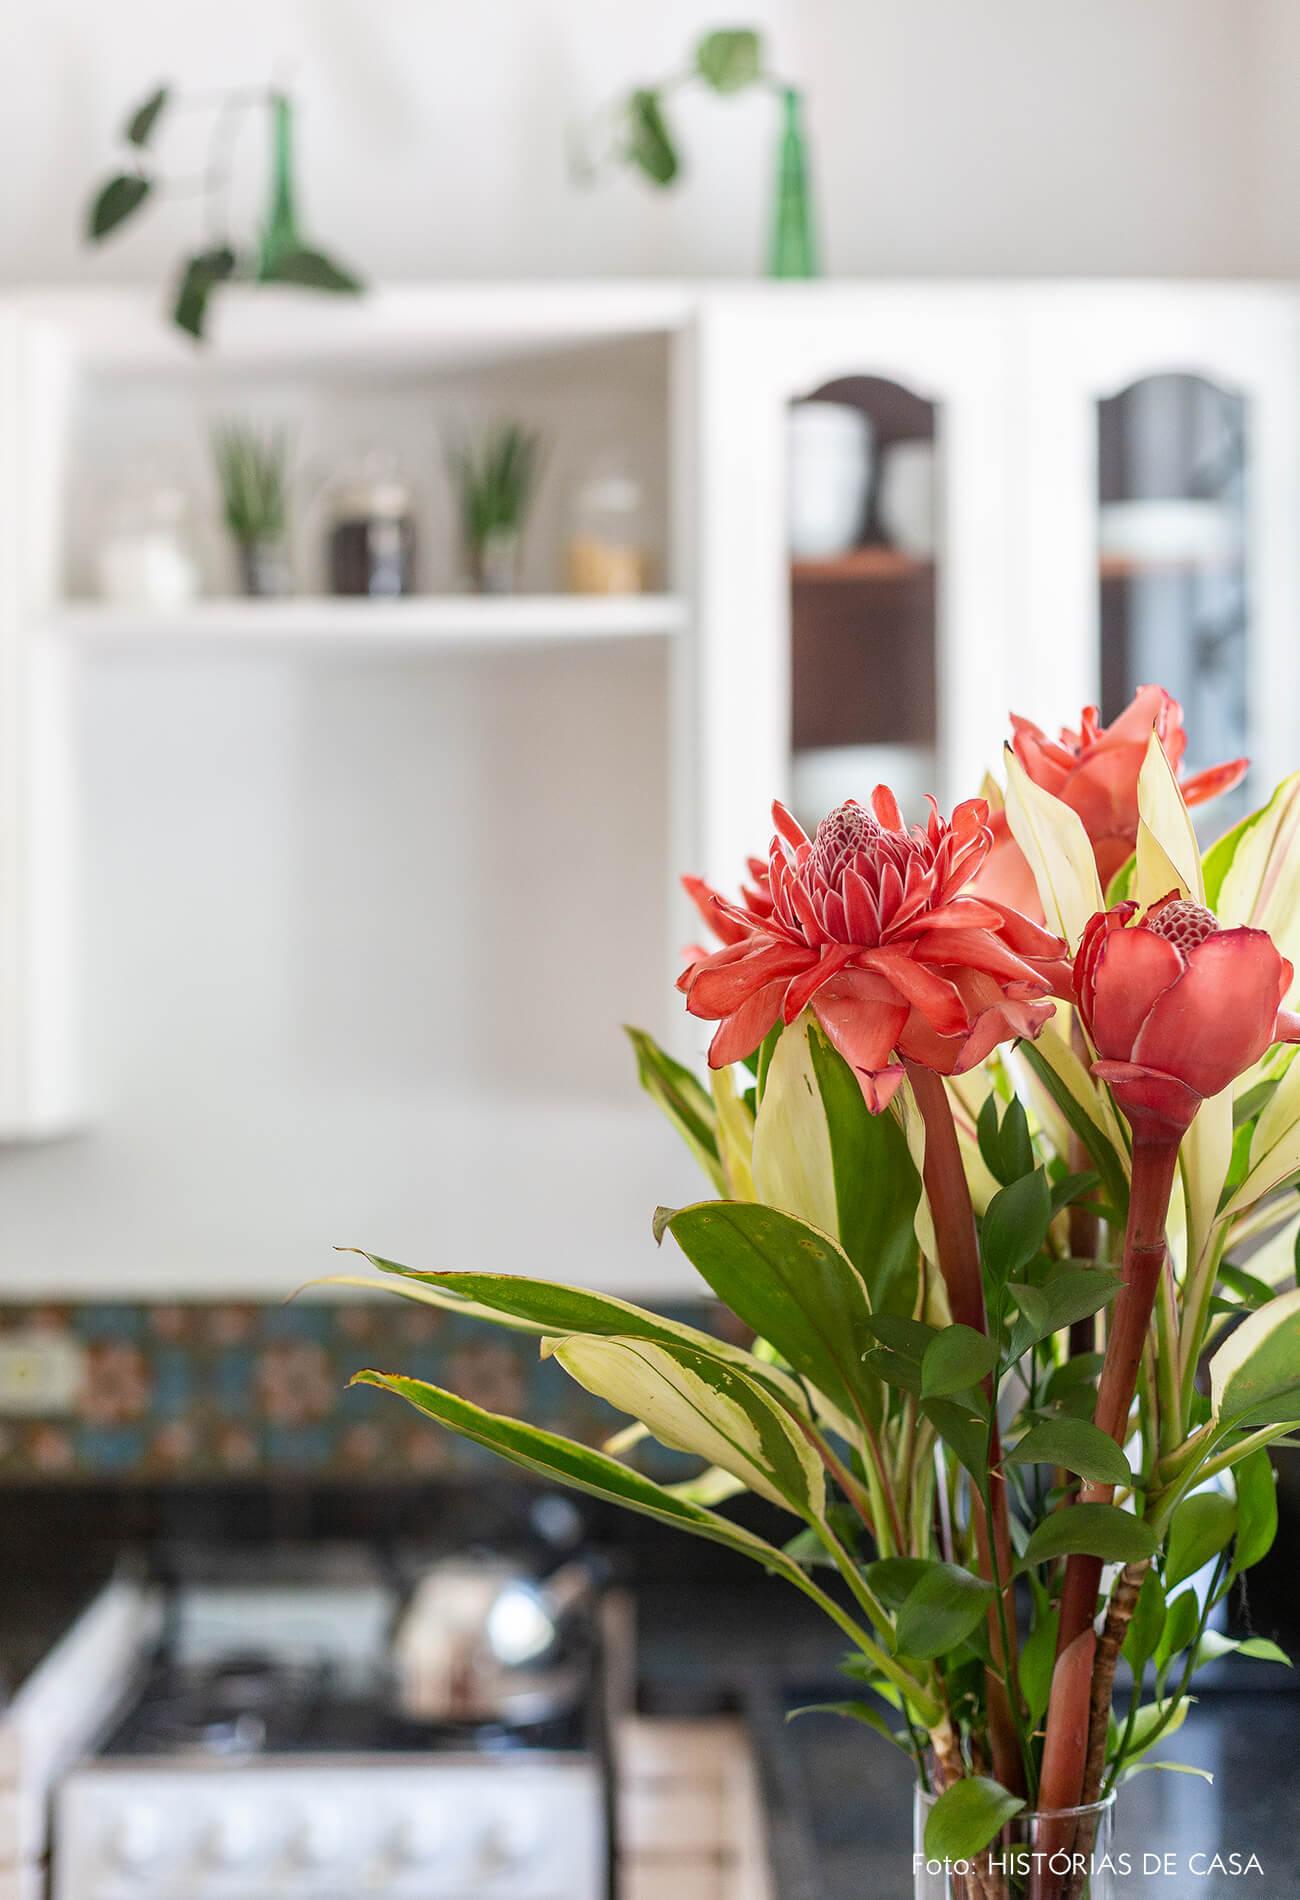 Cozinha de casa antiga com piso de ladrilhos e arranjo de flores